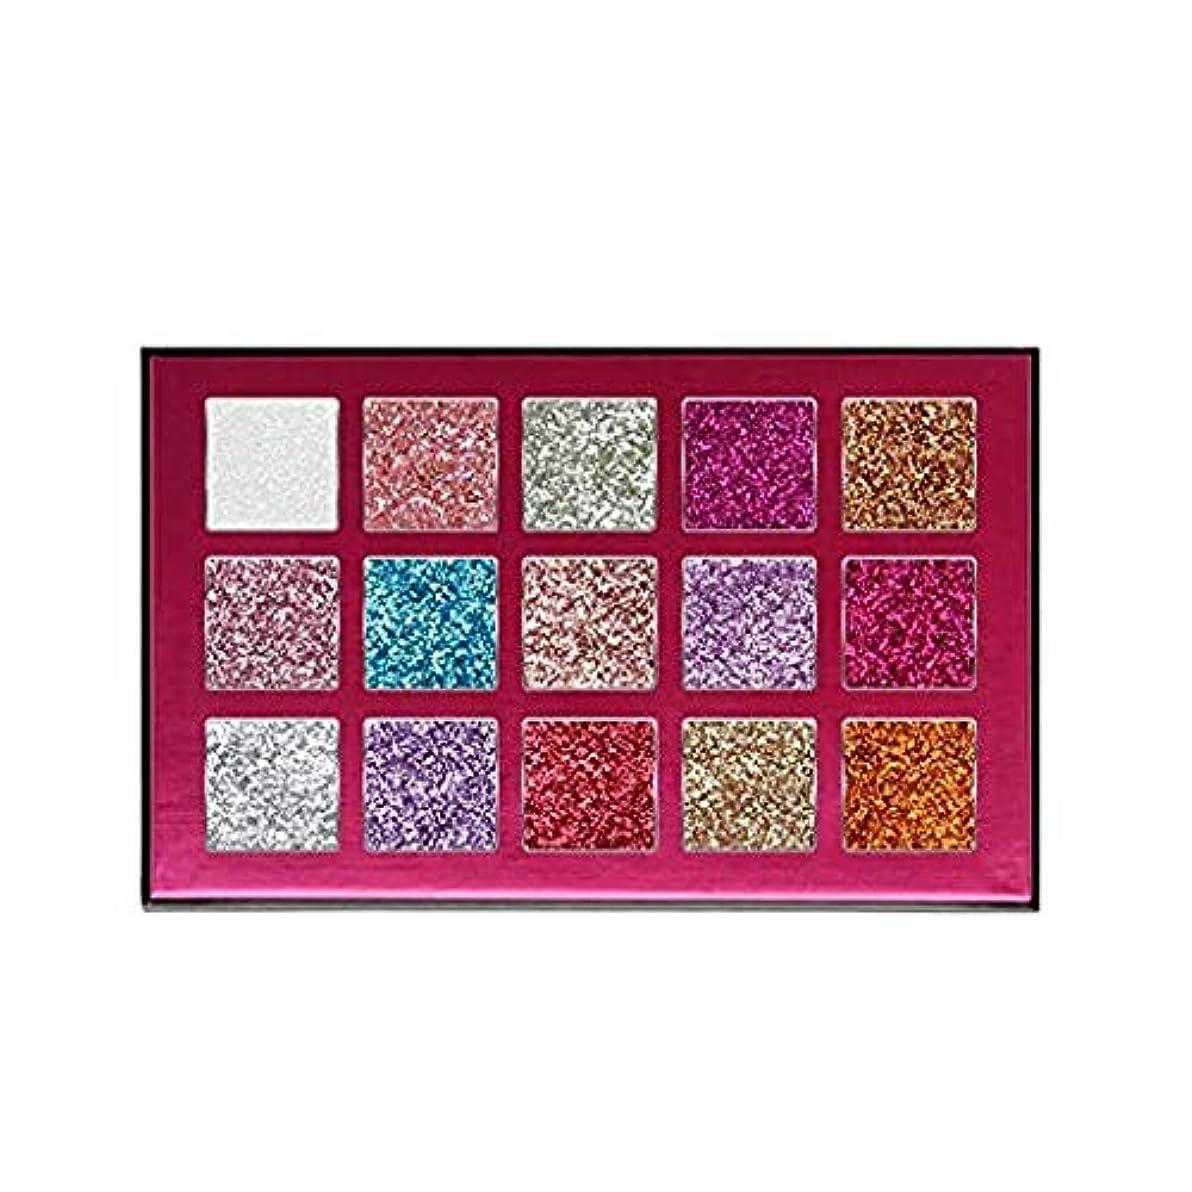 弾薬モデレータ植木アイシャドウパレット、15色永続的なダイヤモンド防水アートメイクアップアイシャドウパレット化粧道具 (3)